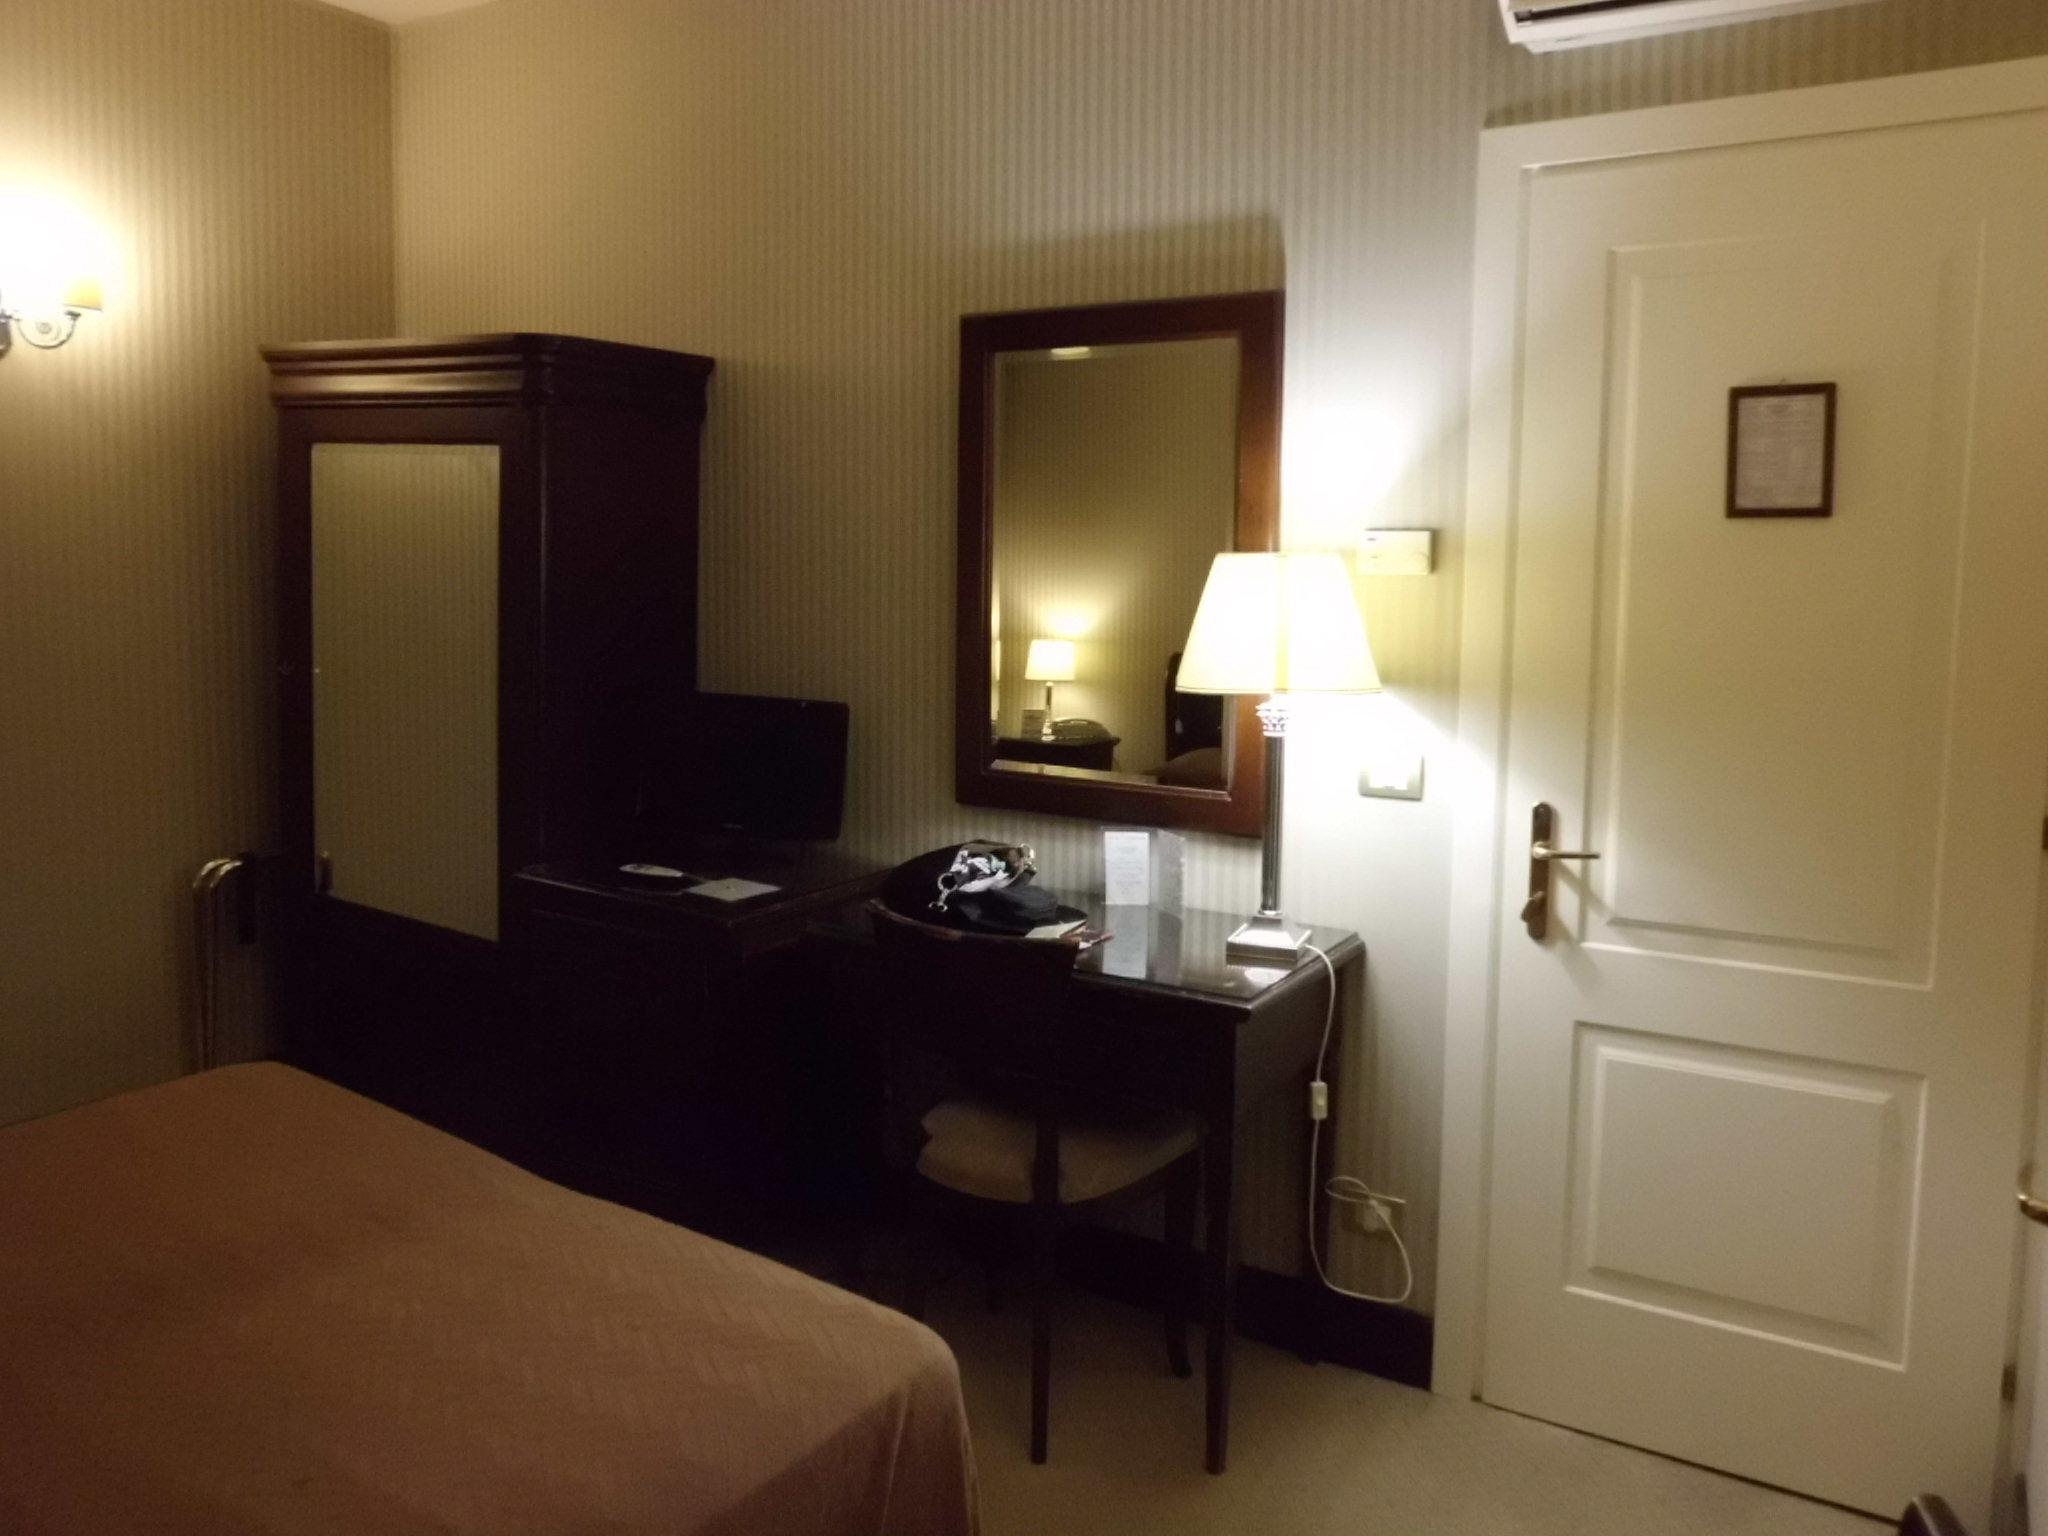 ヴェネチアのホテル2012_b0305039_01315687.jpg